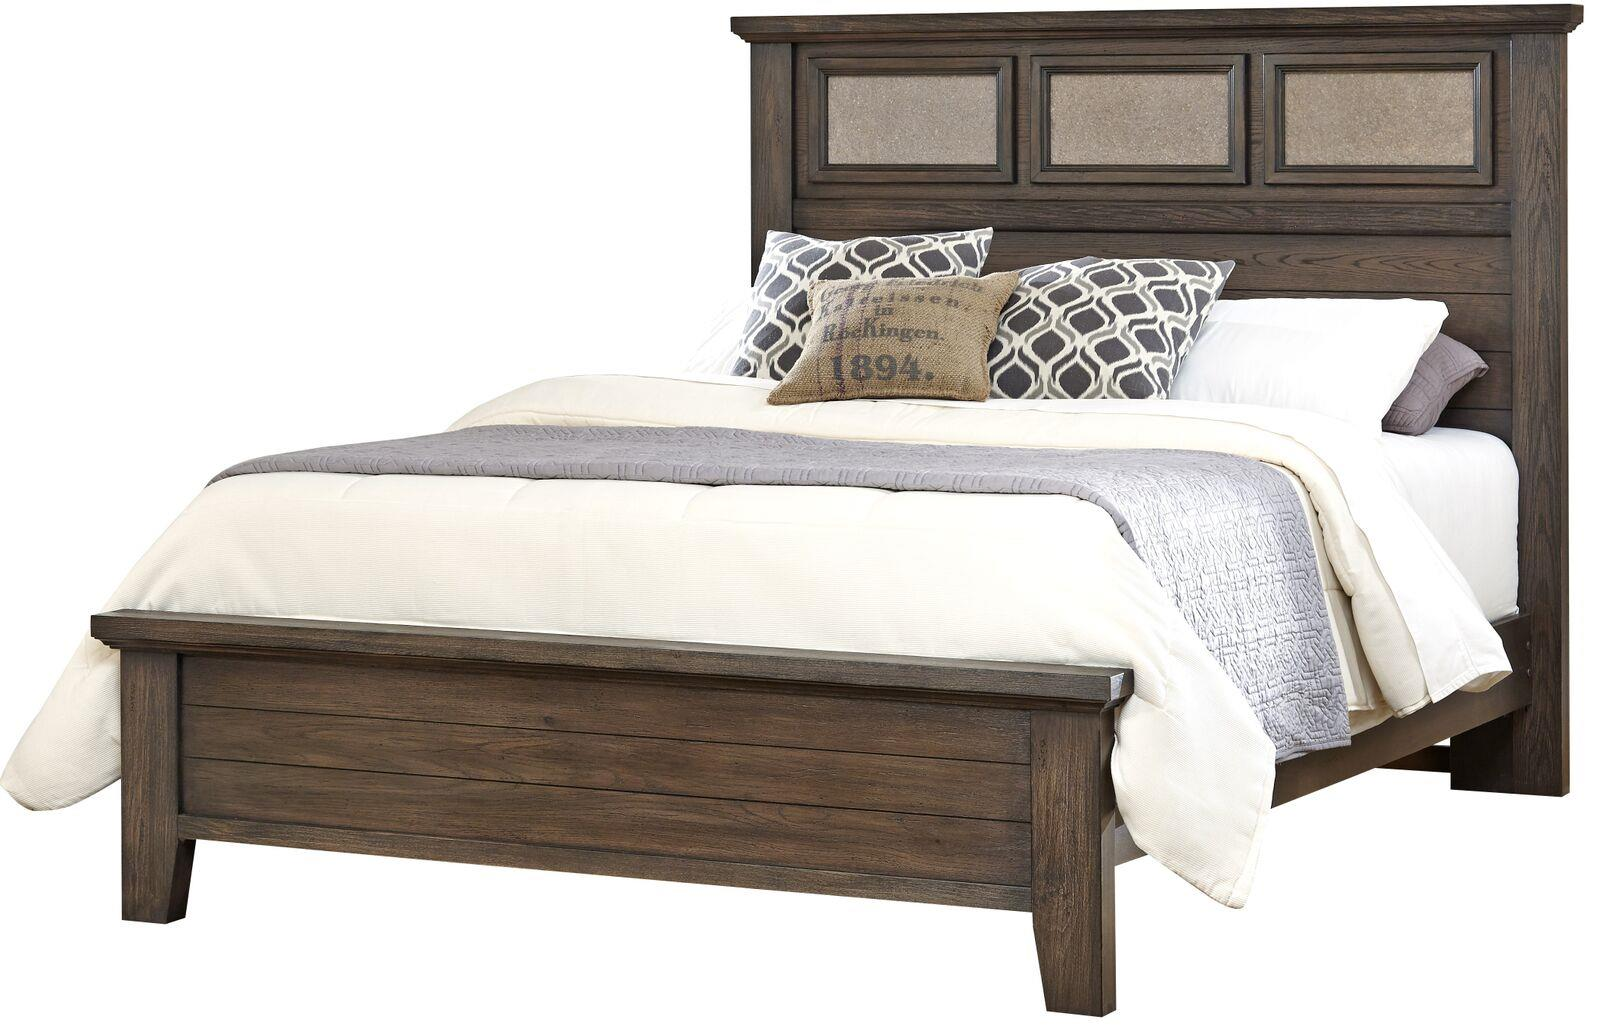 Vaughan Bassett Cassell Park Queen Tile Bed - Item Number: 518-559+855+922